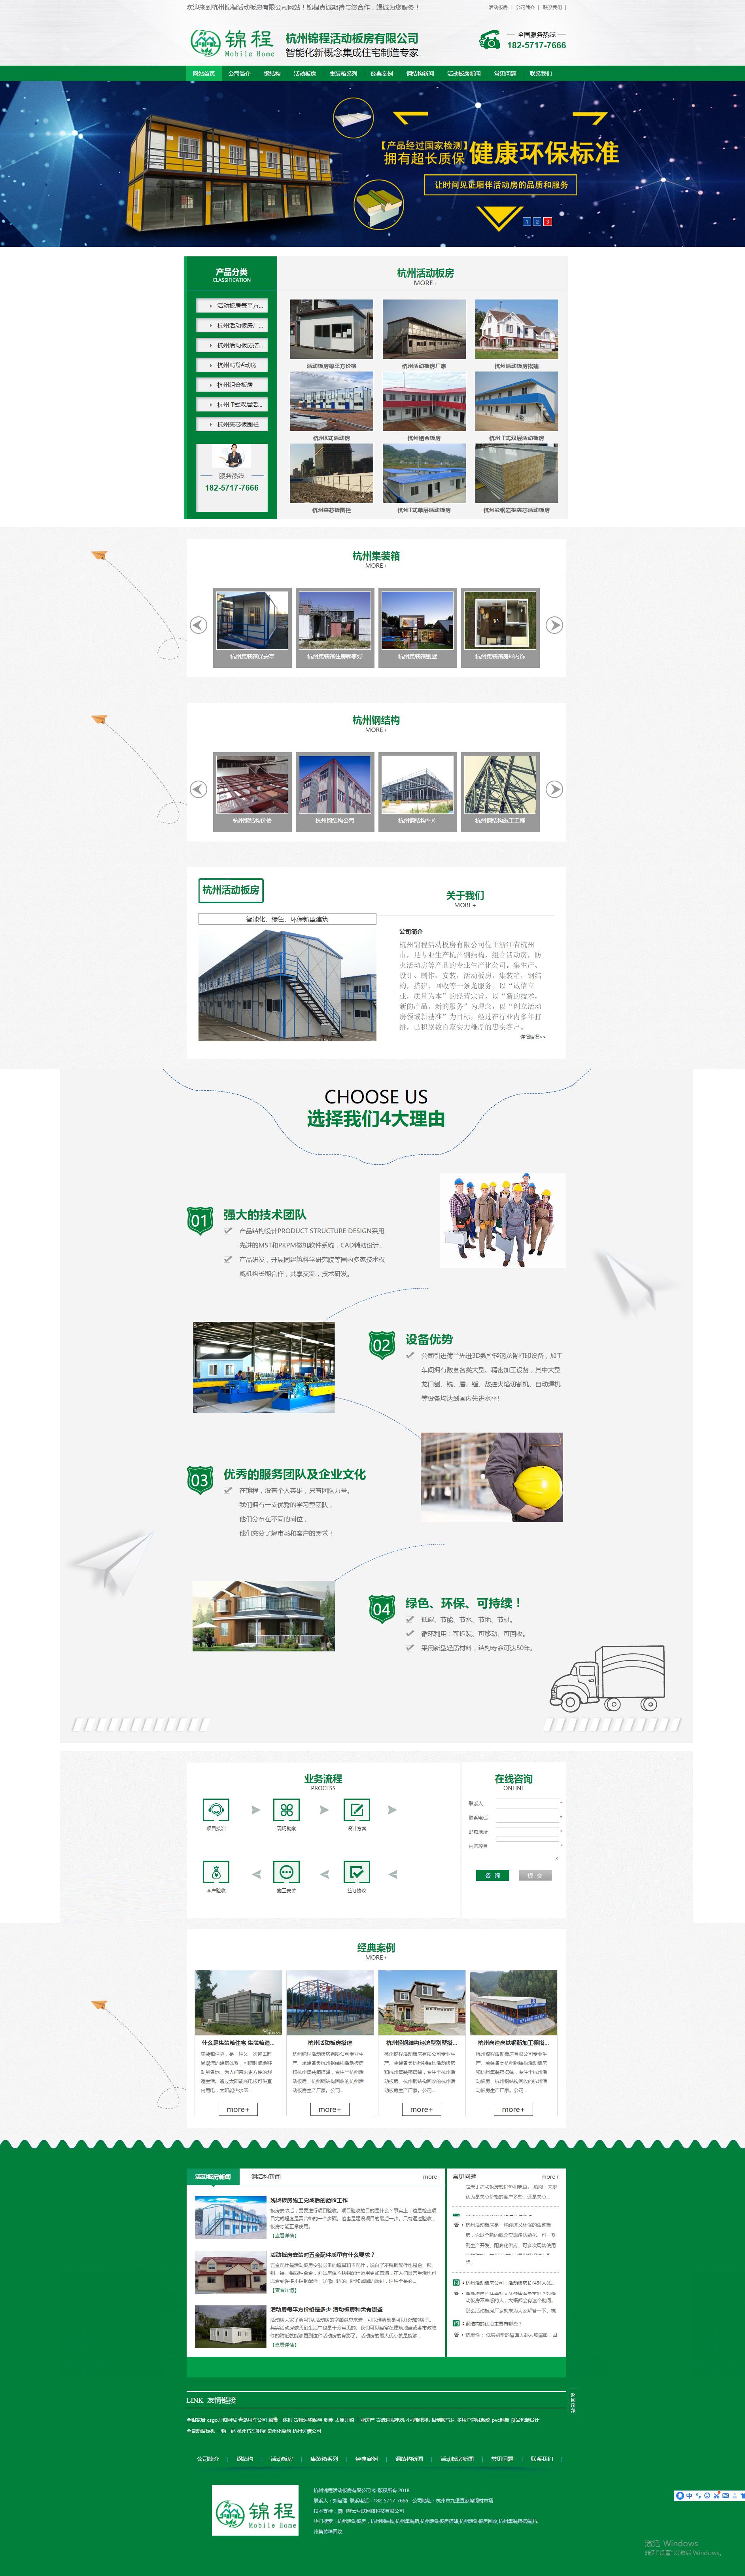 杭州锦程活动板房有限公司